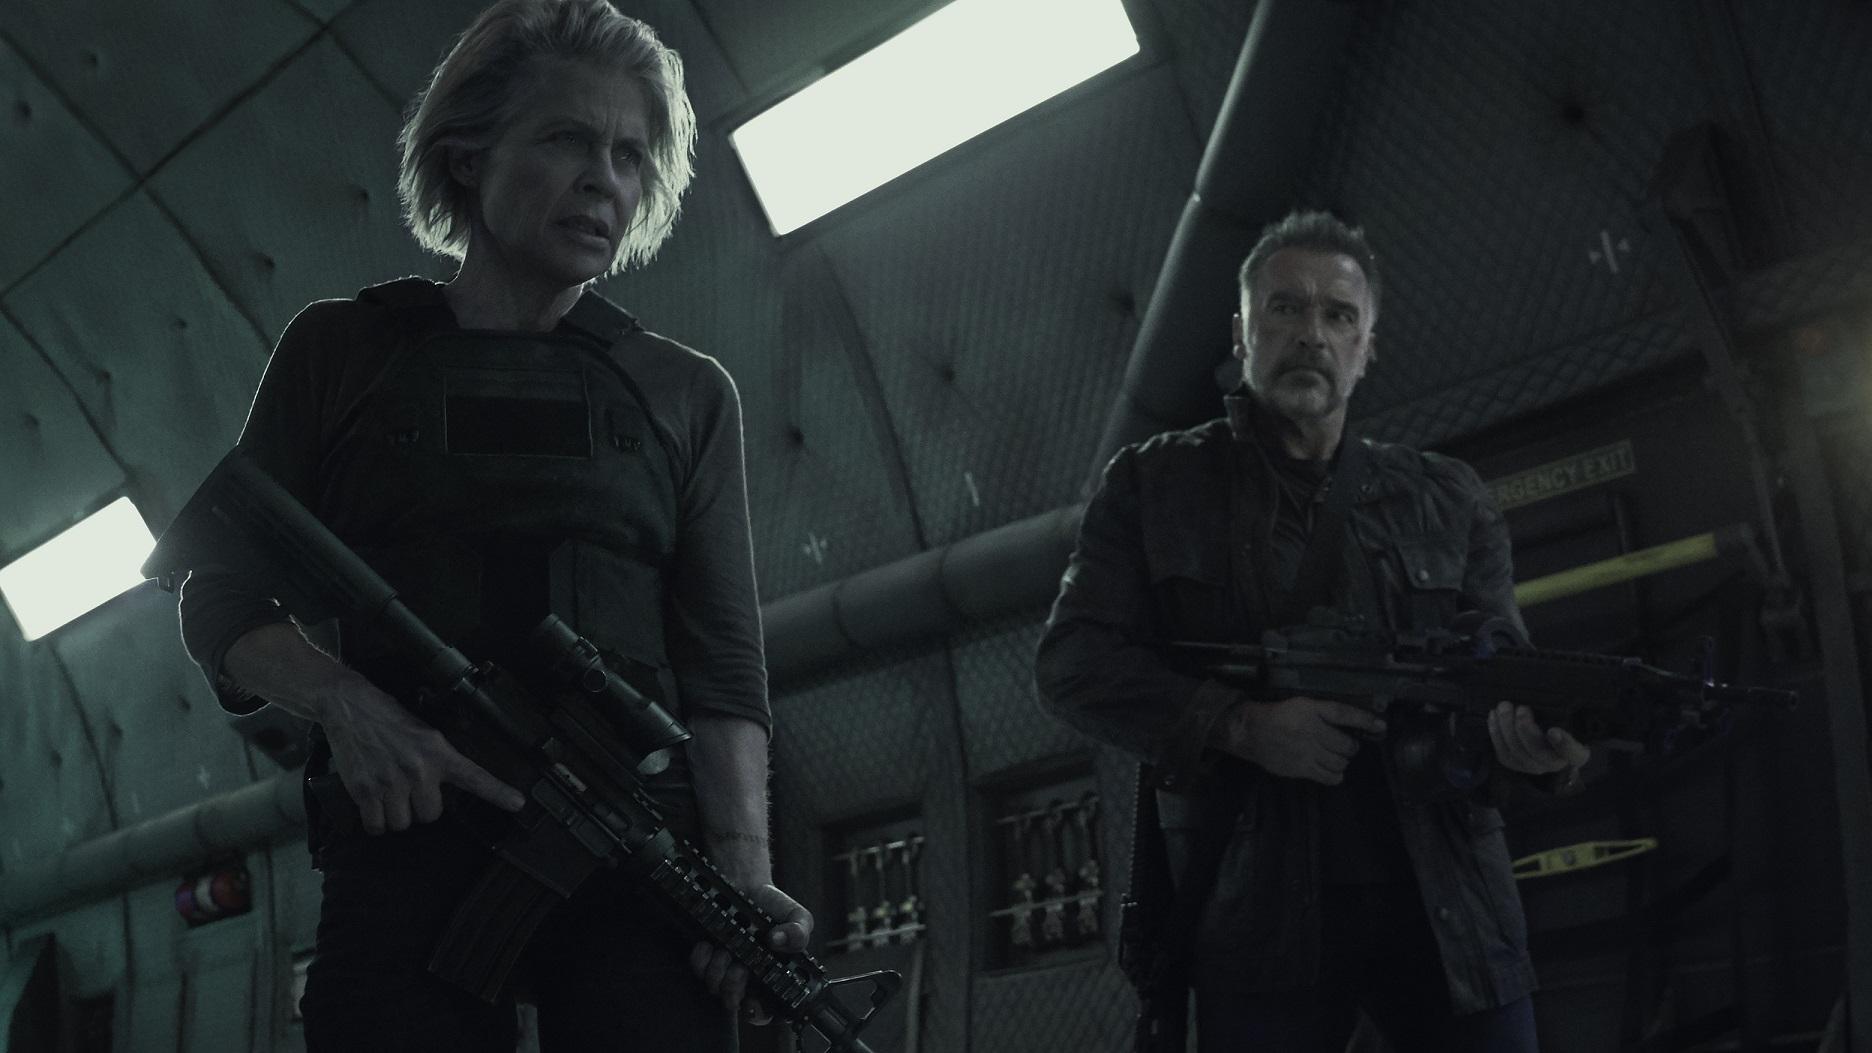 影史最殺動作科幻經典魔鬼終結者系列,最新續集《魔鬼終結者:黑暗宿命》即將於11月7日上映